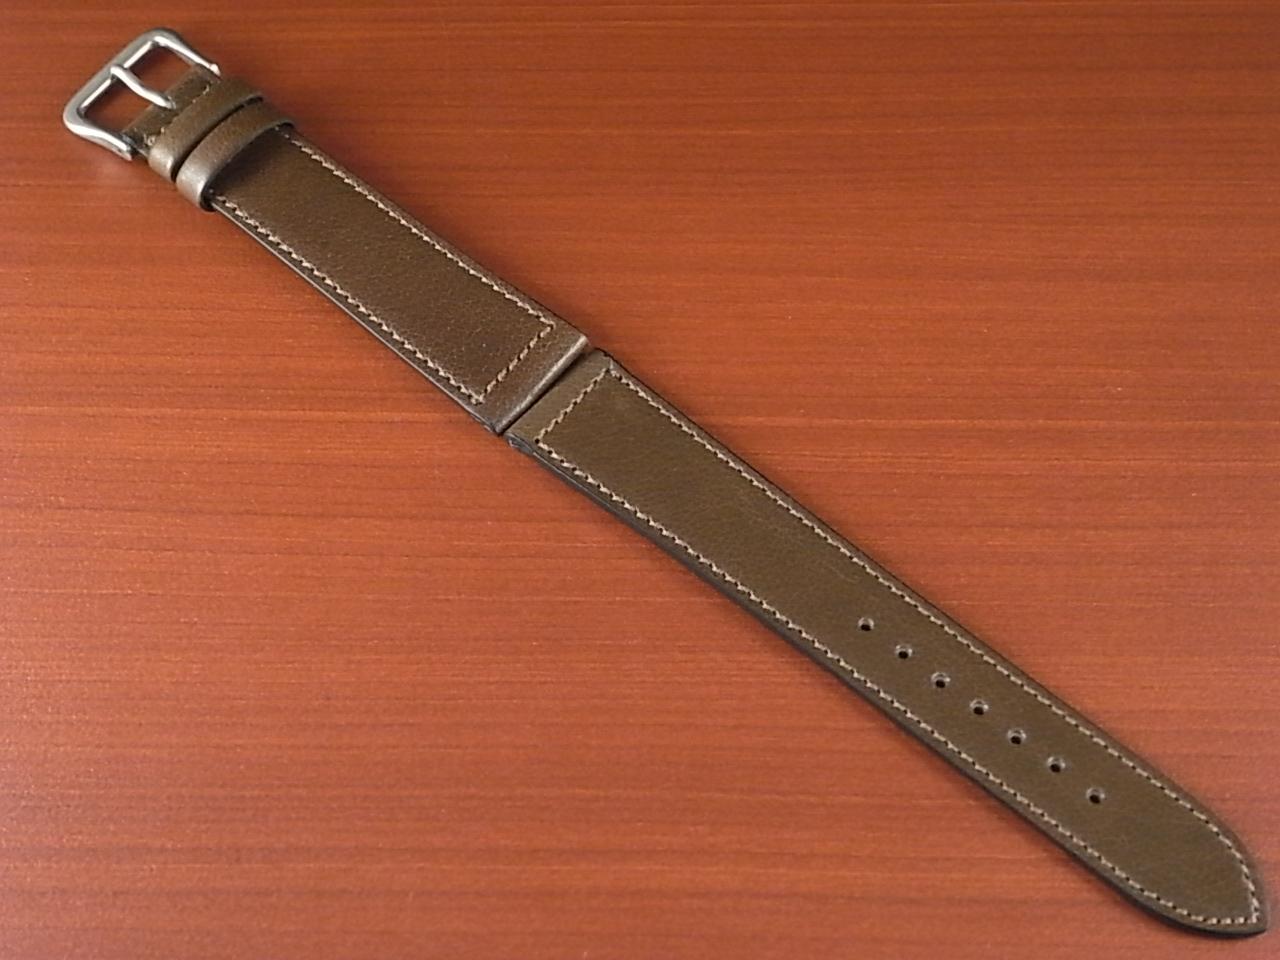 バッファロー 革ベルト グレイッシュブラウン 16mm オリジナル CBB-001aのメイン写真